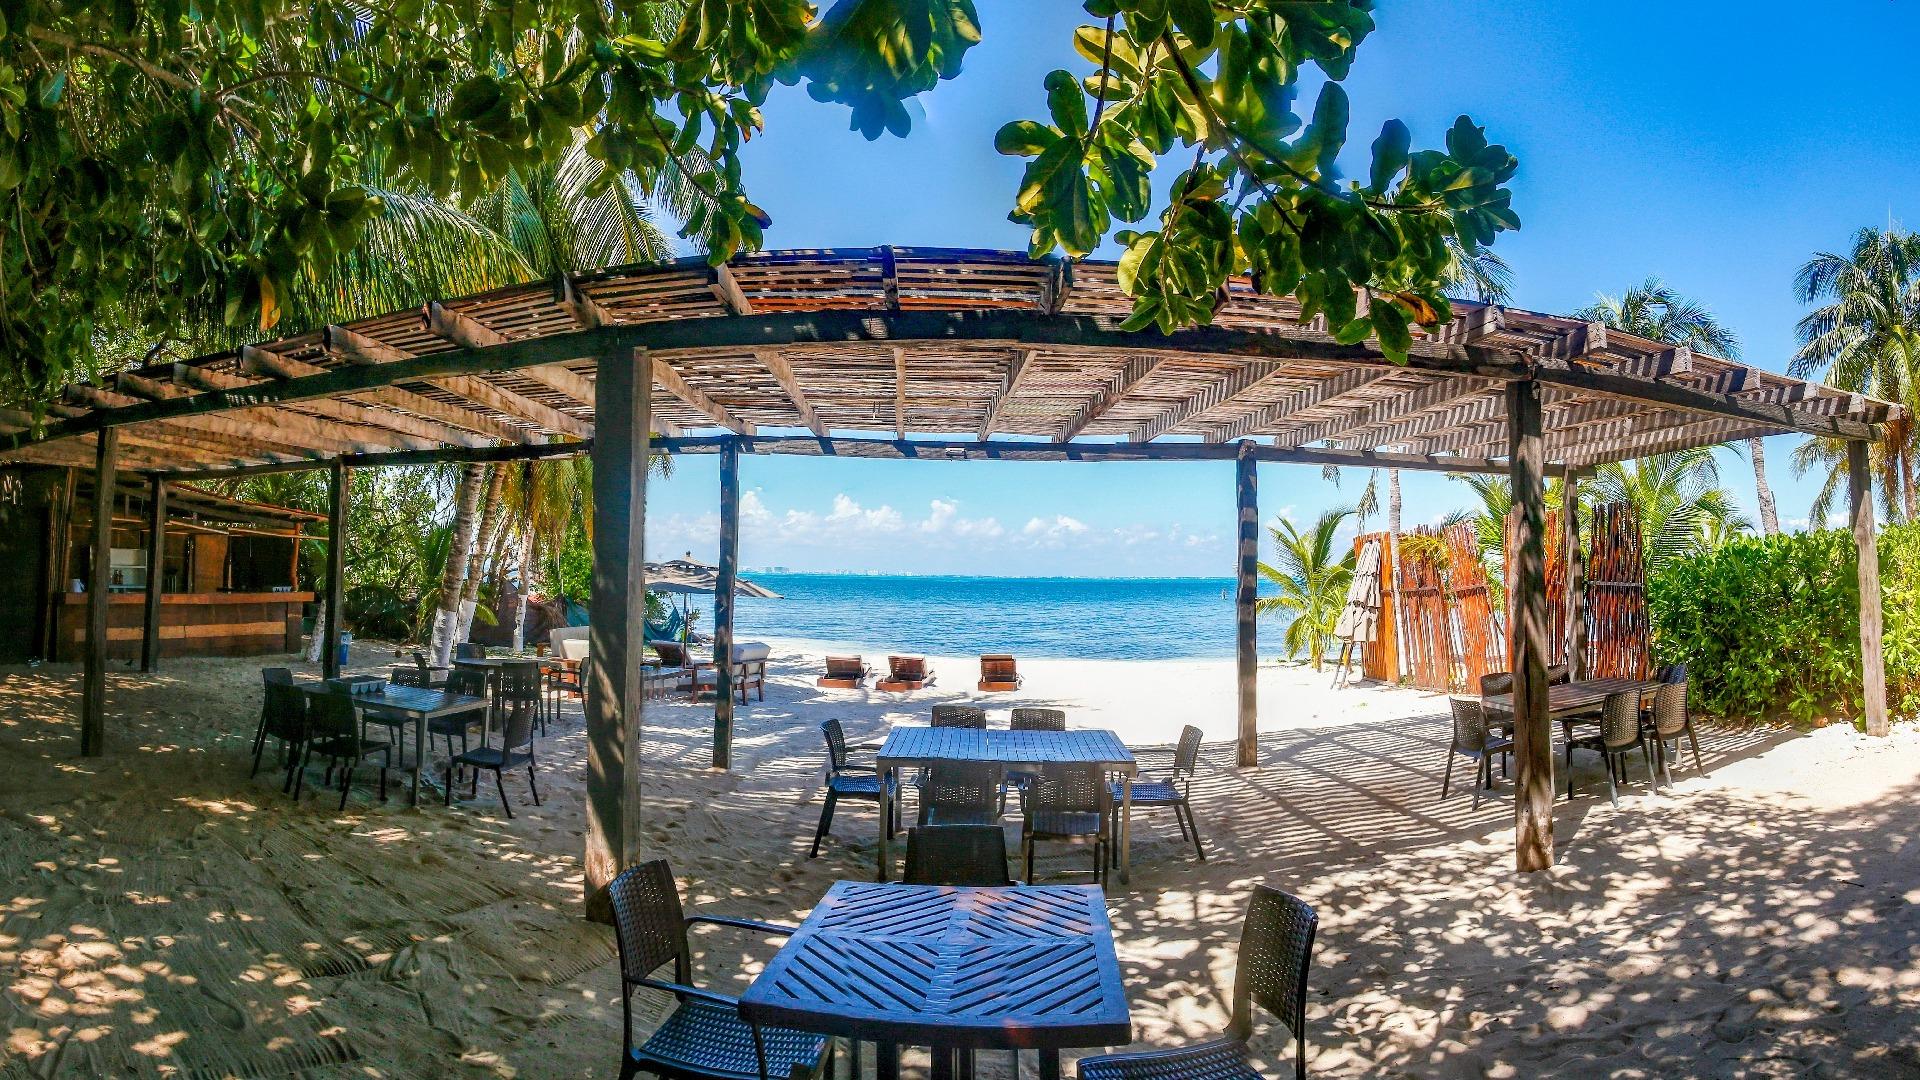 Zama Beach Club - Isla Mujeres